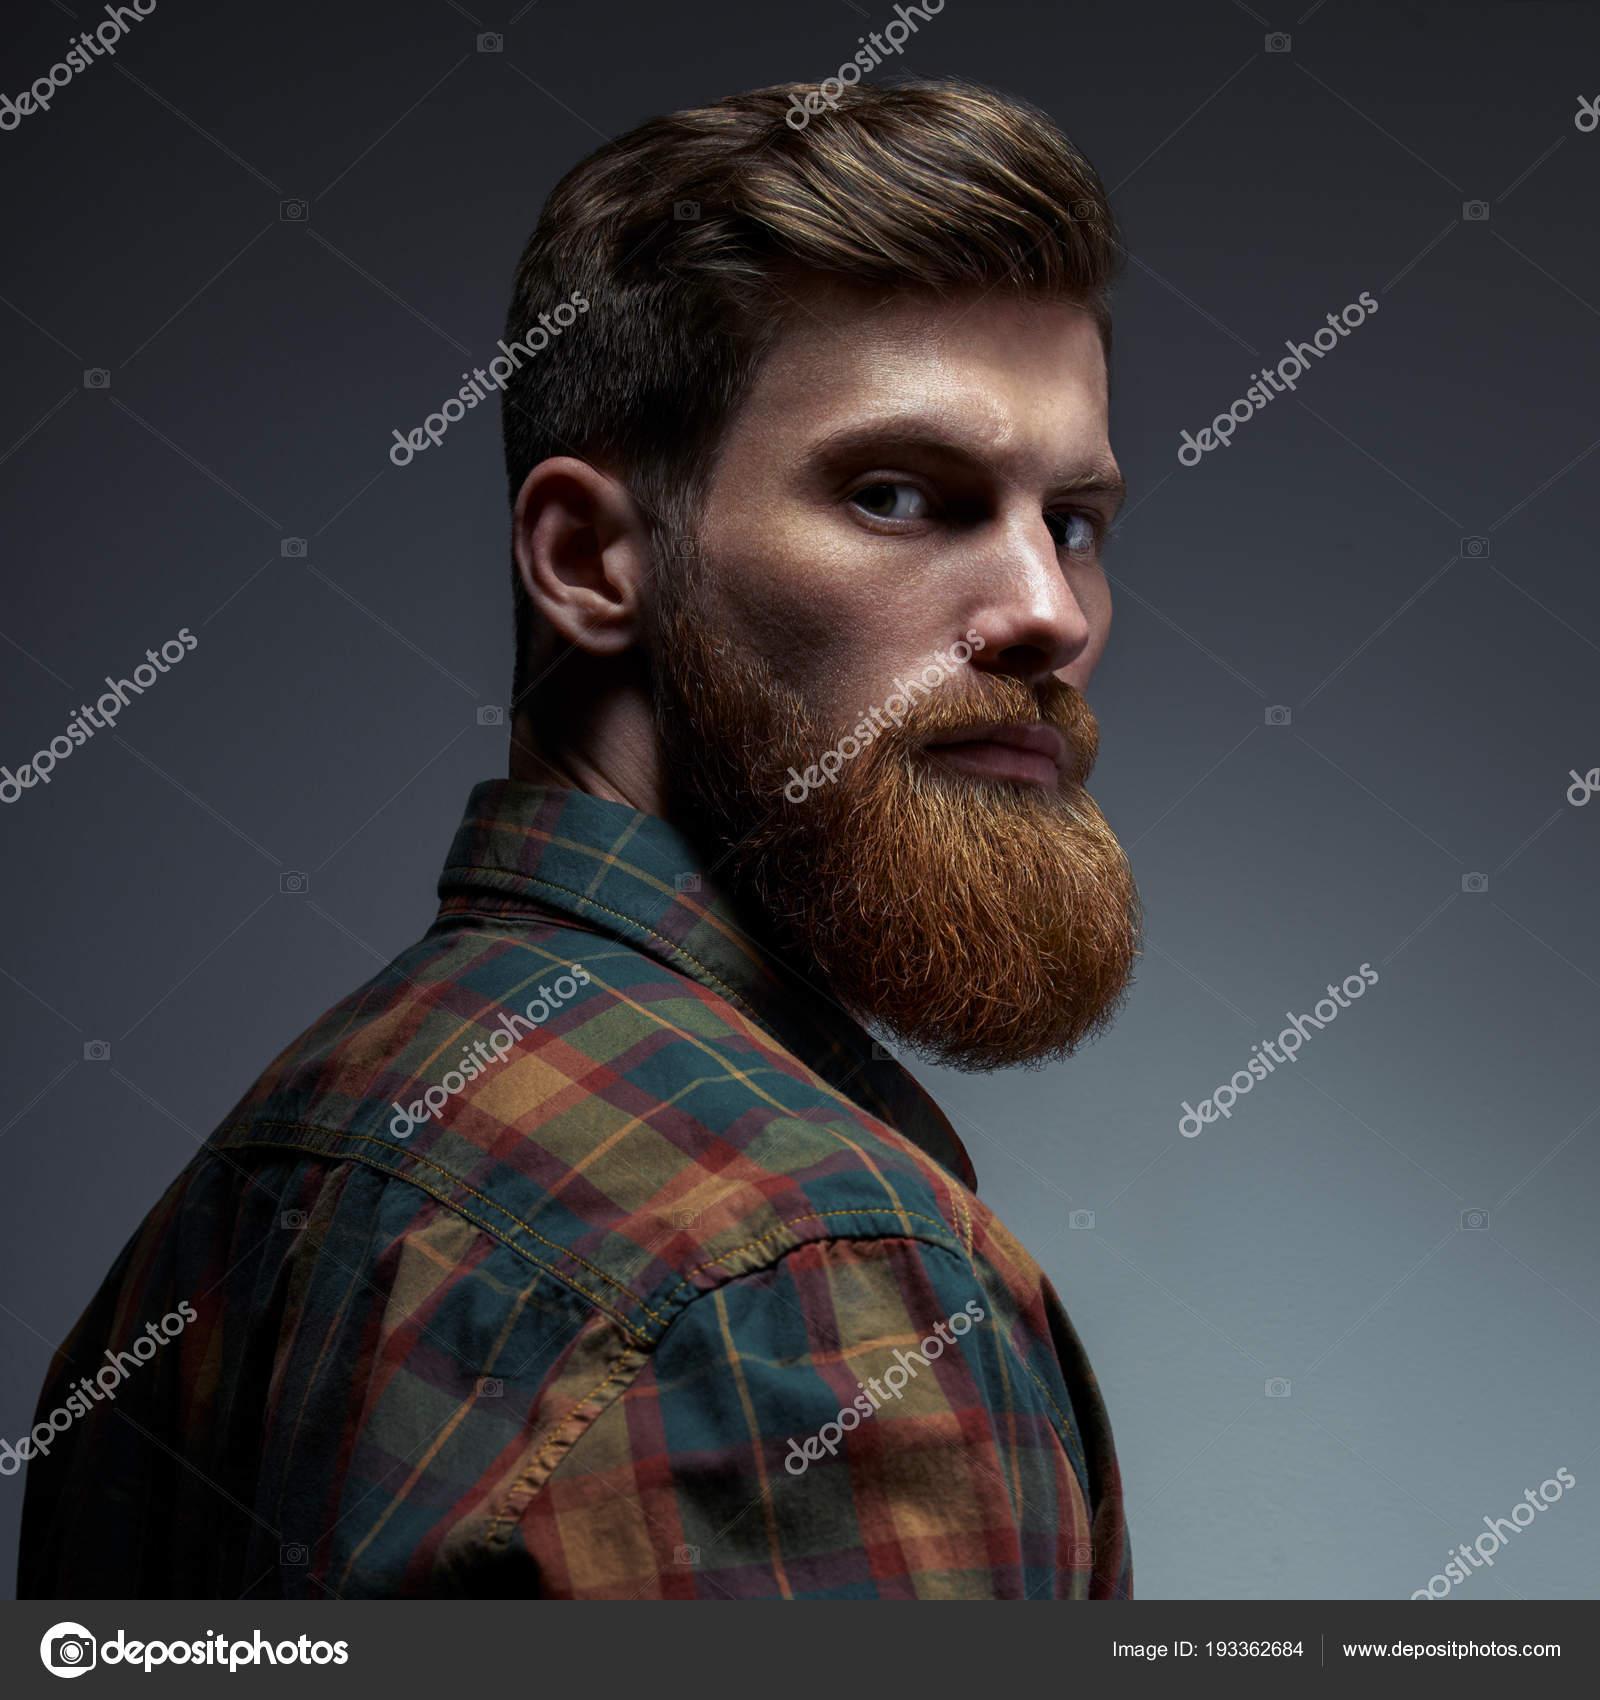 Retrato De Un Hombre Con Barba Y Peinado Moderno Fotos De Stock